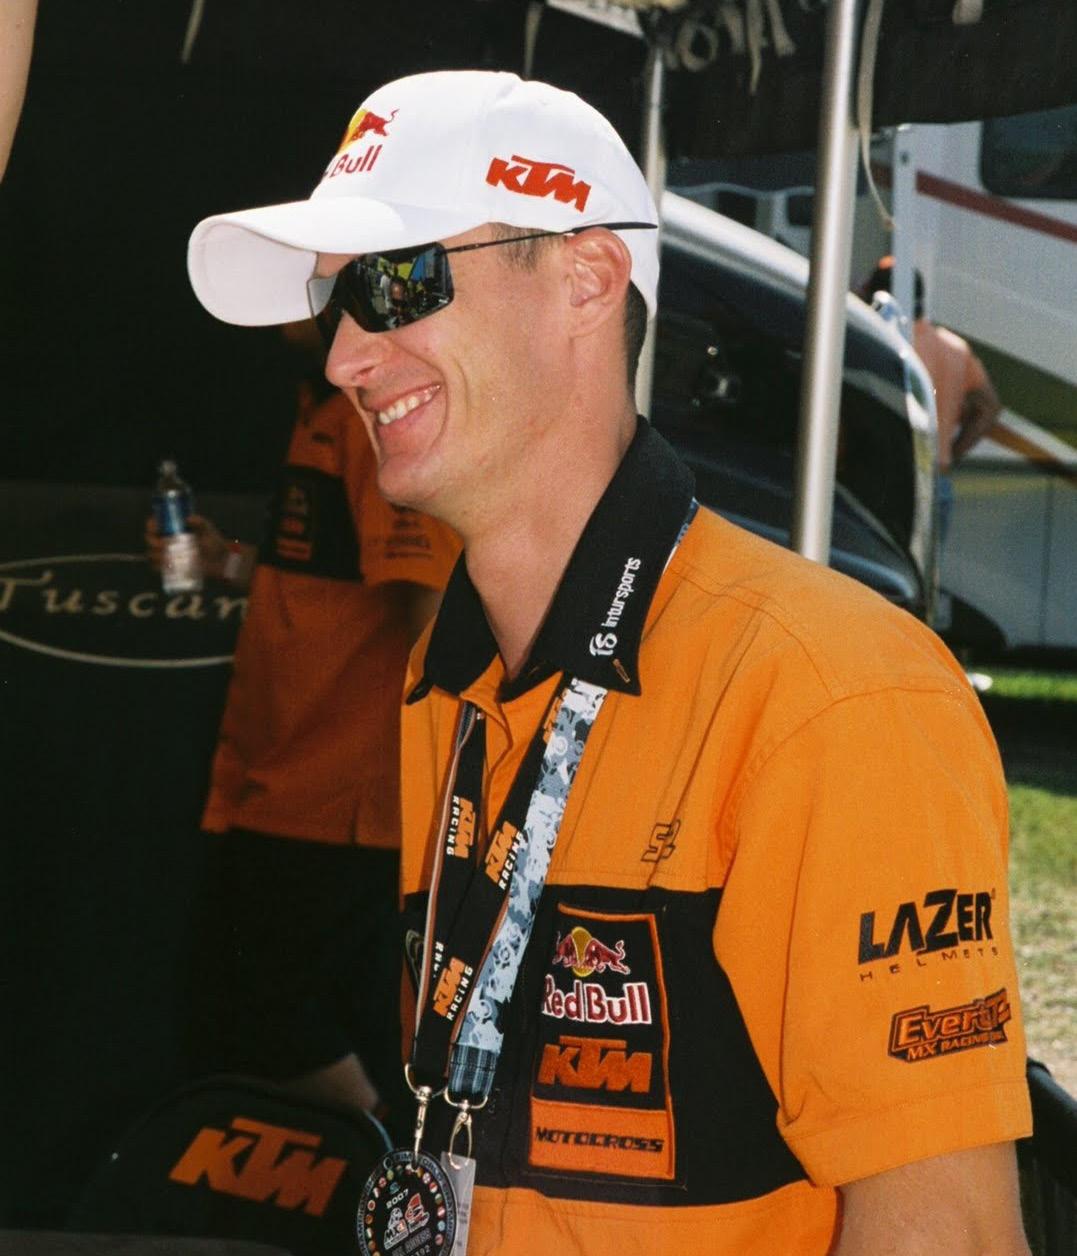 Stefan Everts - Wikipedia